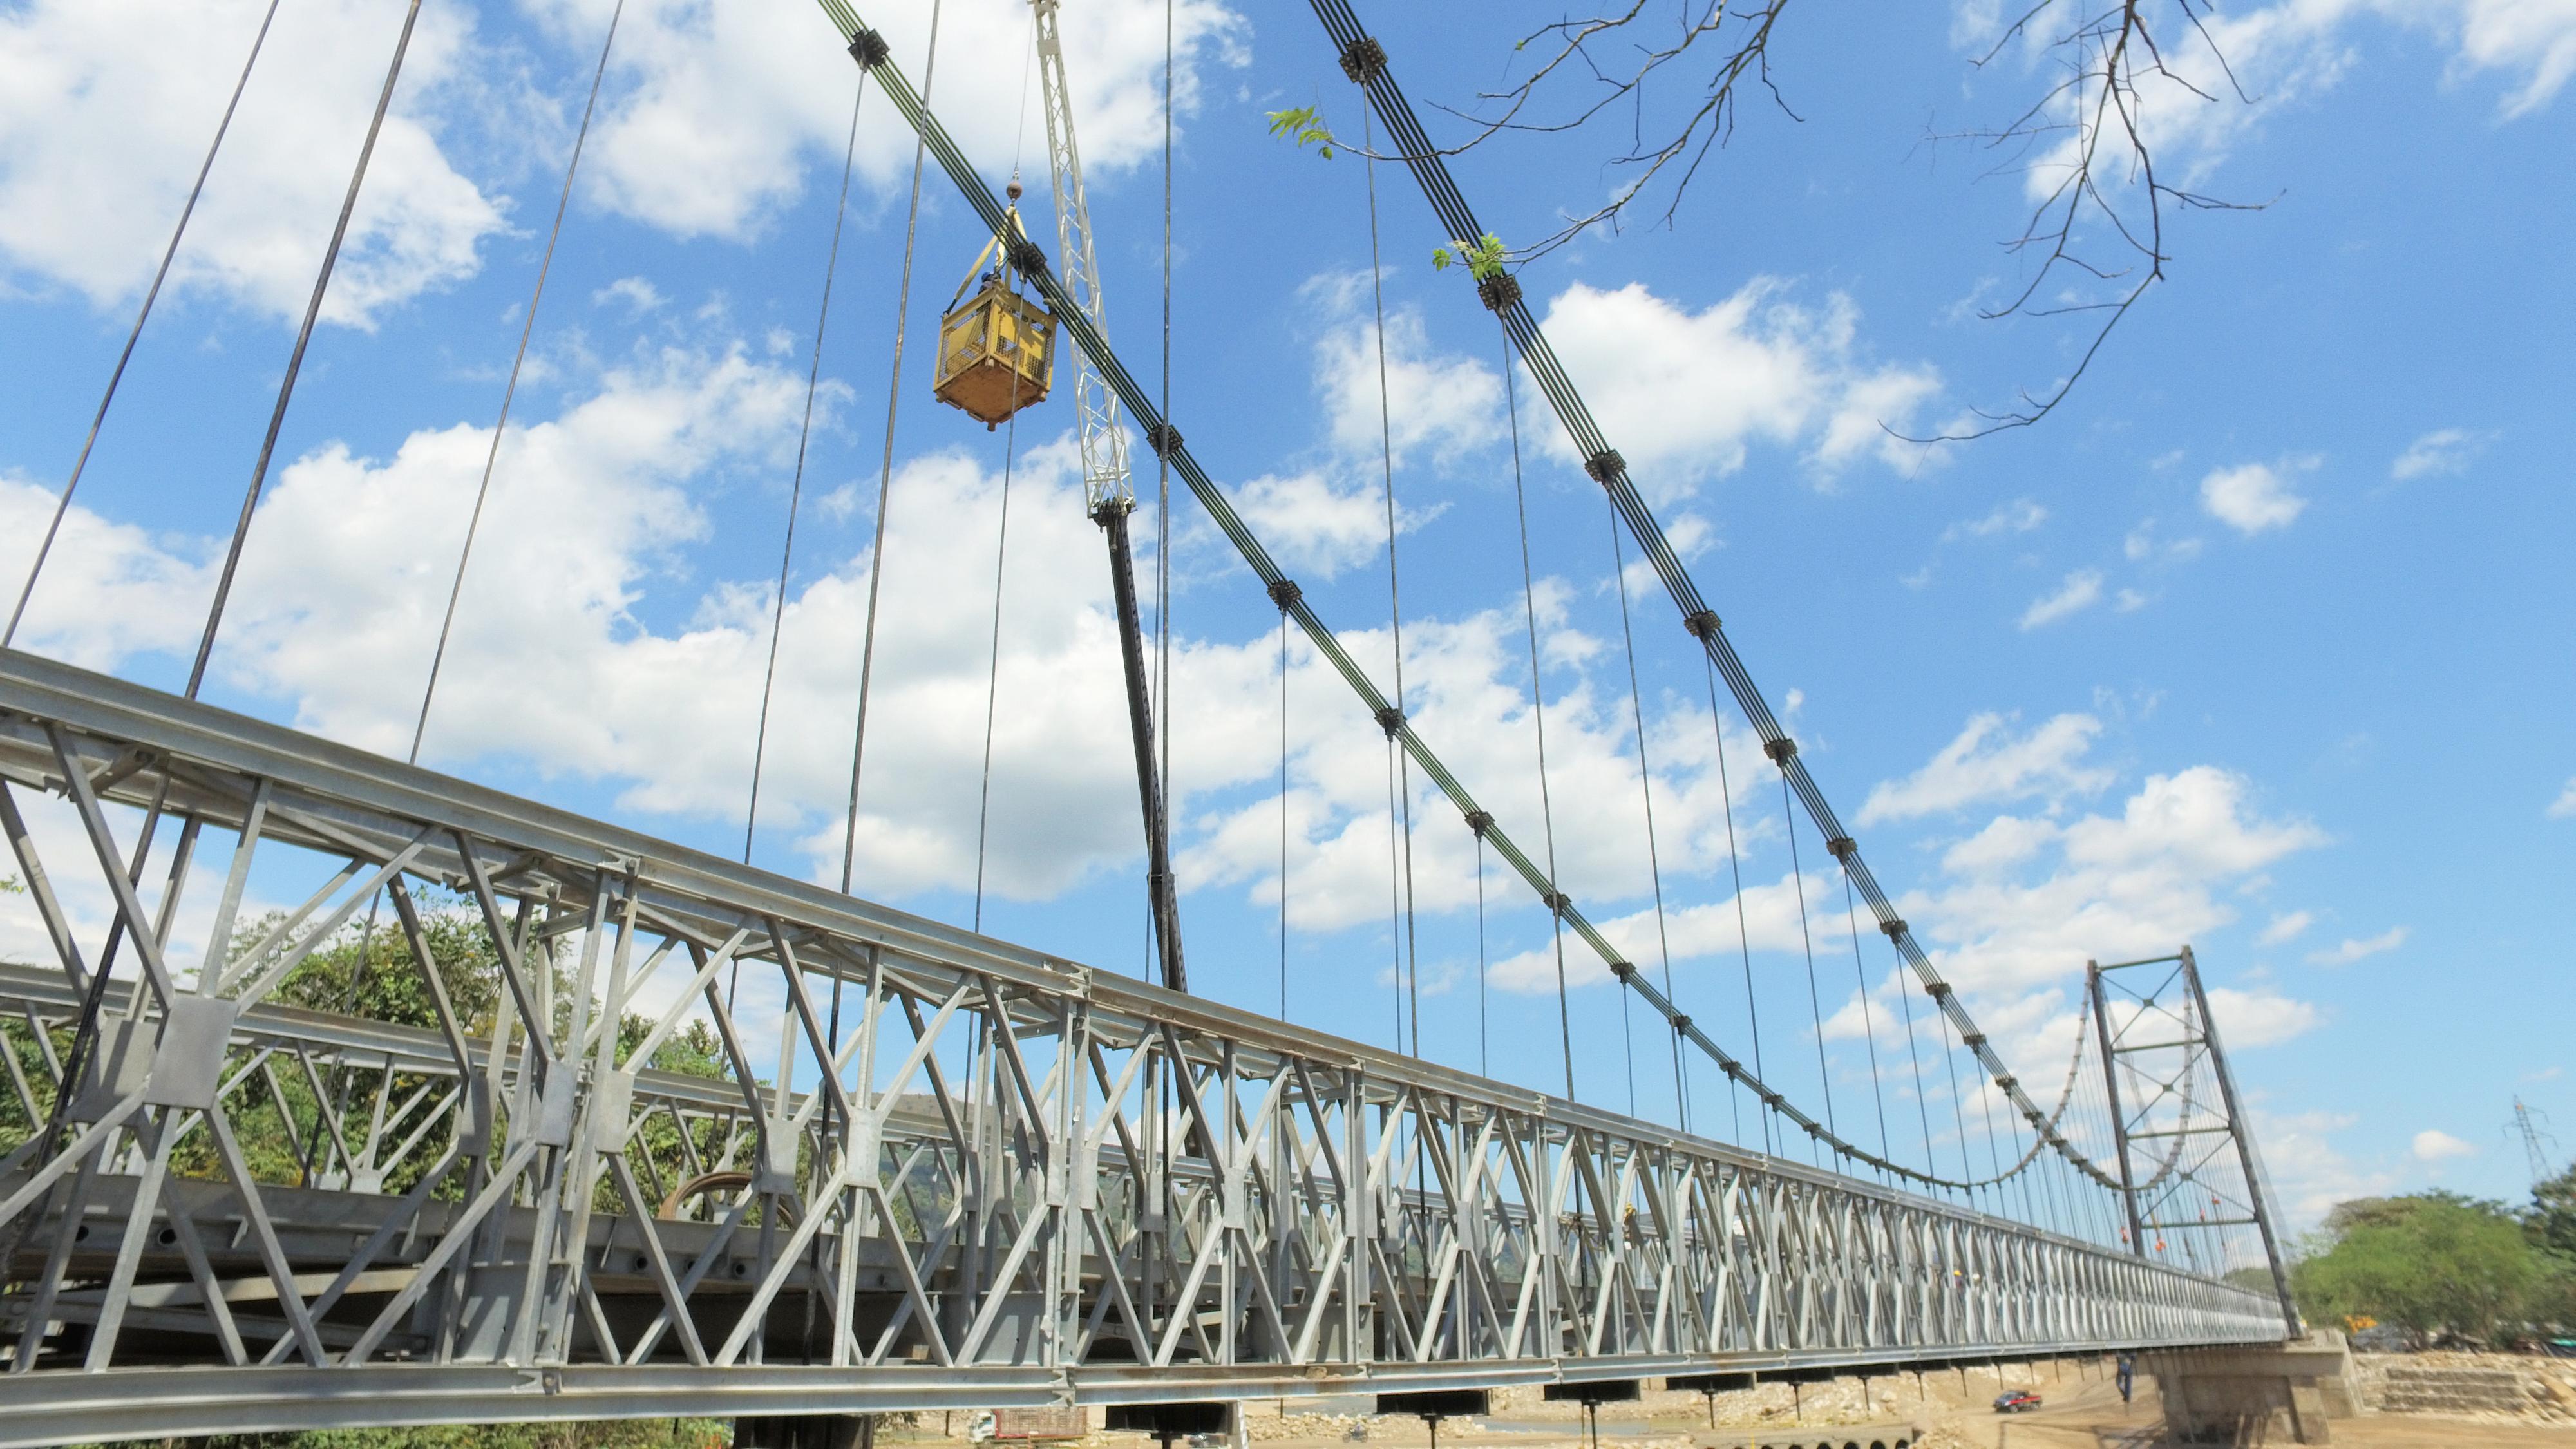 9  días de cierre tendrá  puente INVÍAS 2 en el Charte en vía Aguazul Yopal